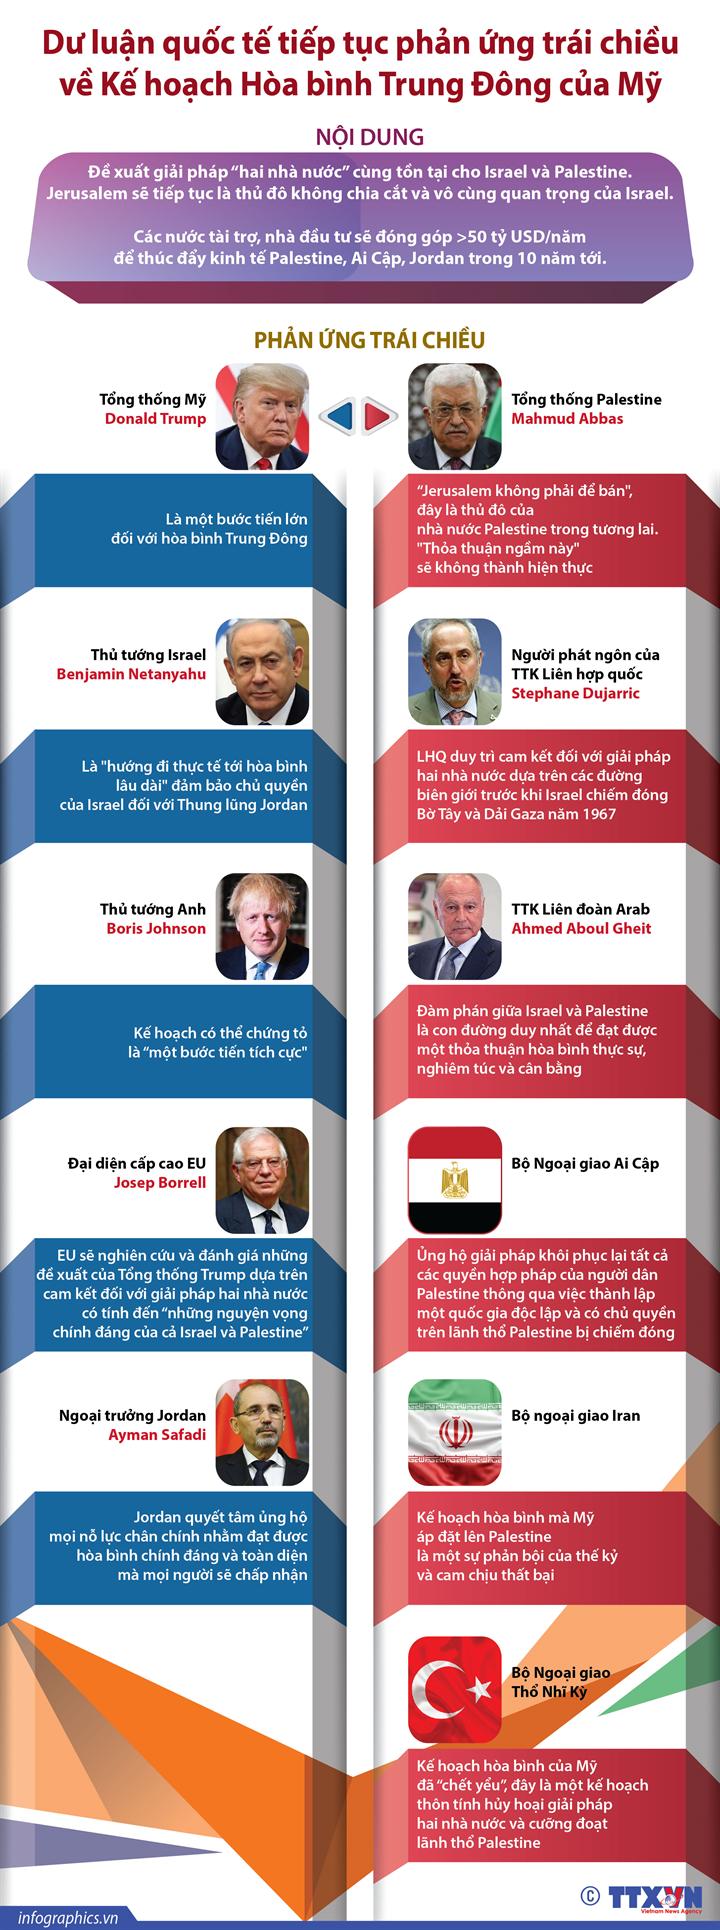 Dư luận quốc tế tiếp tục phản ứng trái chiều về Kế hoạch Hòa bình Trung Đông của Mỹ